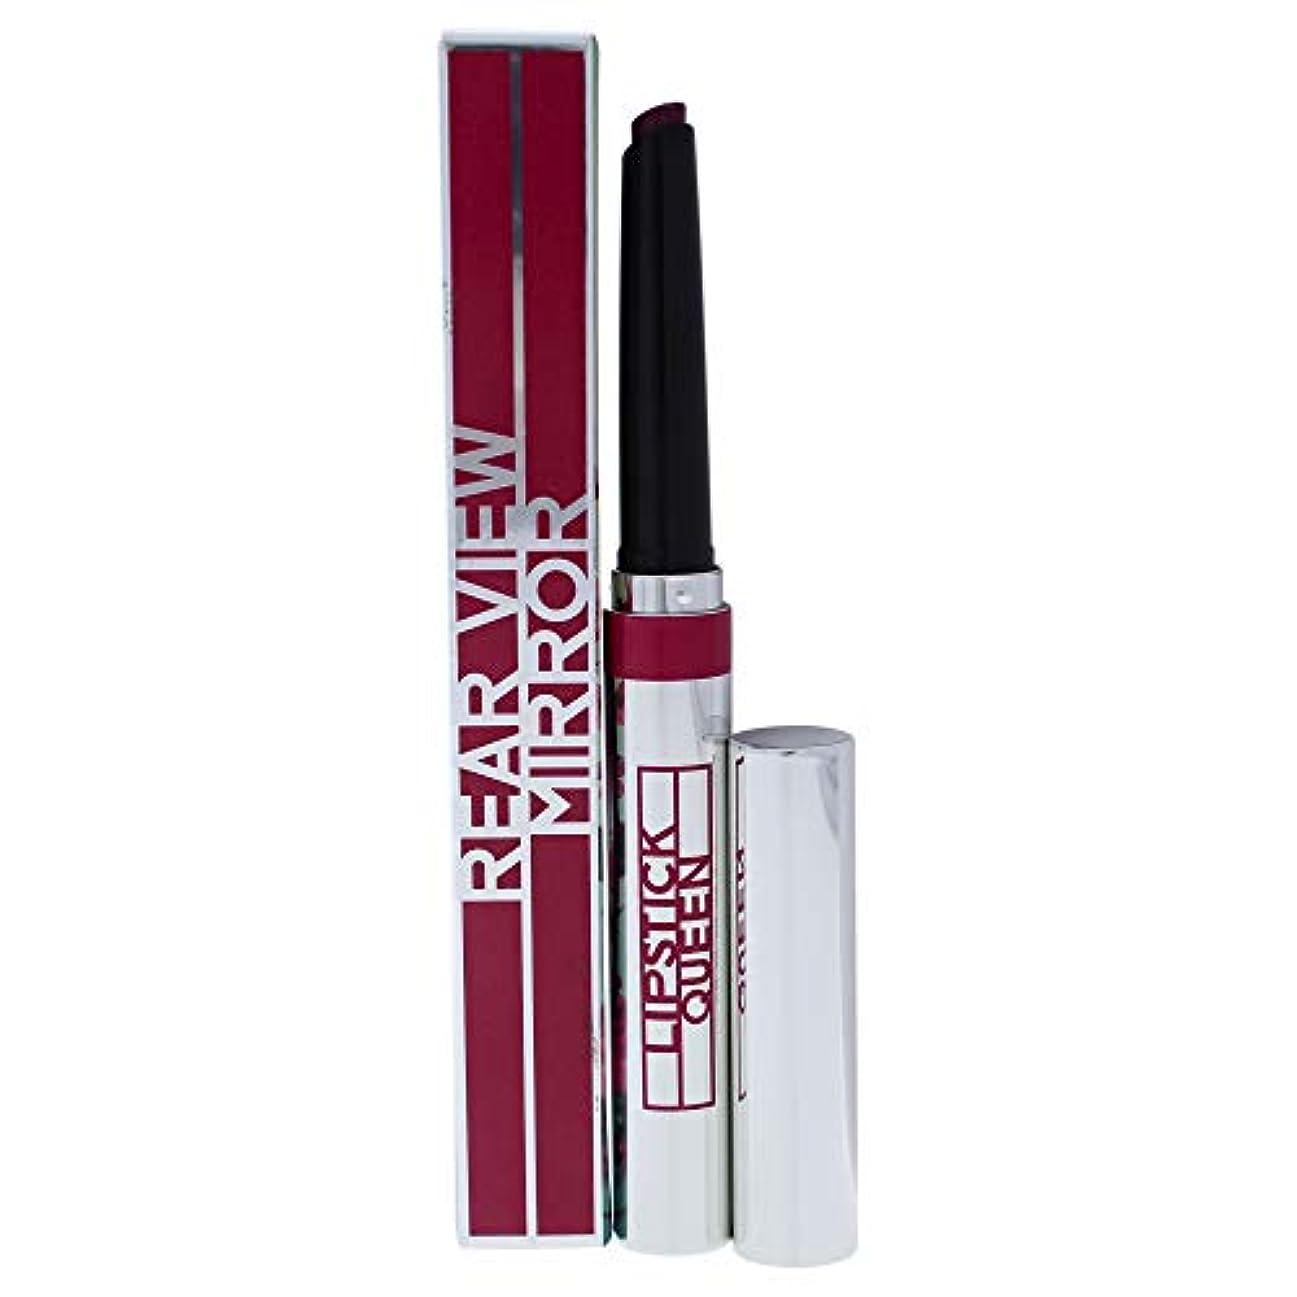 キャンペーン動員する満足できるリップスティック クィーン Rear View Mirror Lip Lacquer - # Berry Tacoma (A Bright Raspberry) 1.3g/0.04oz並行輸入品